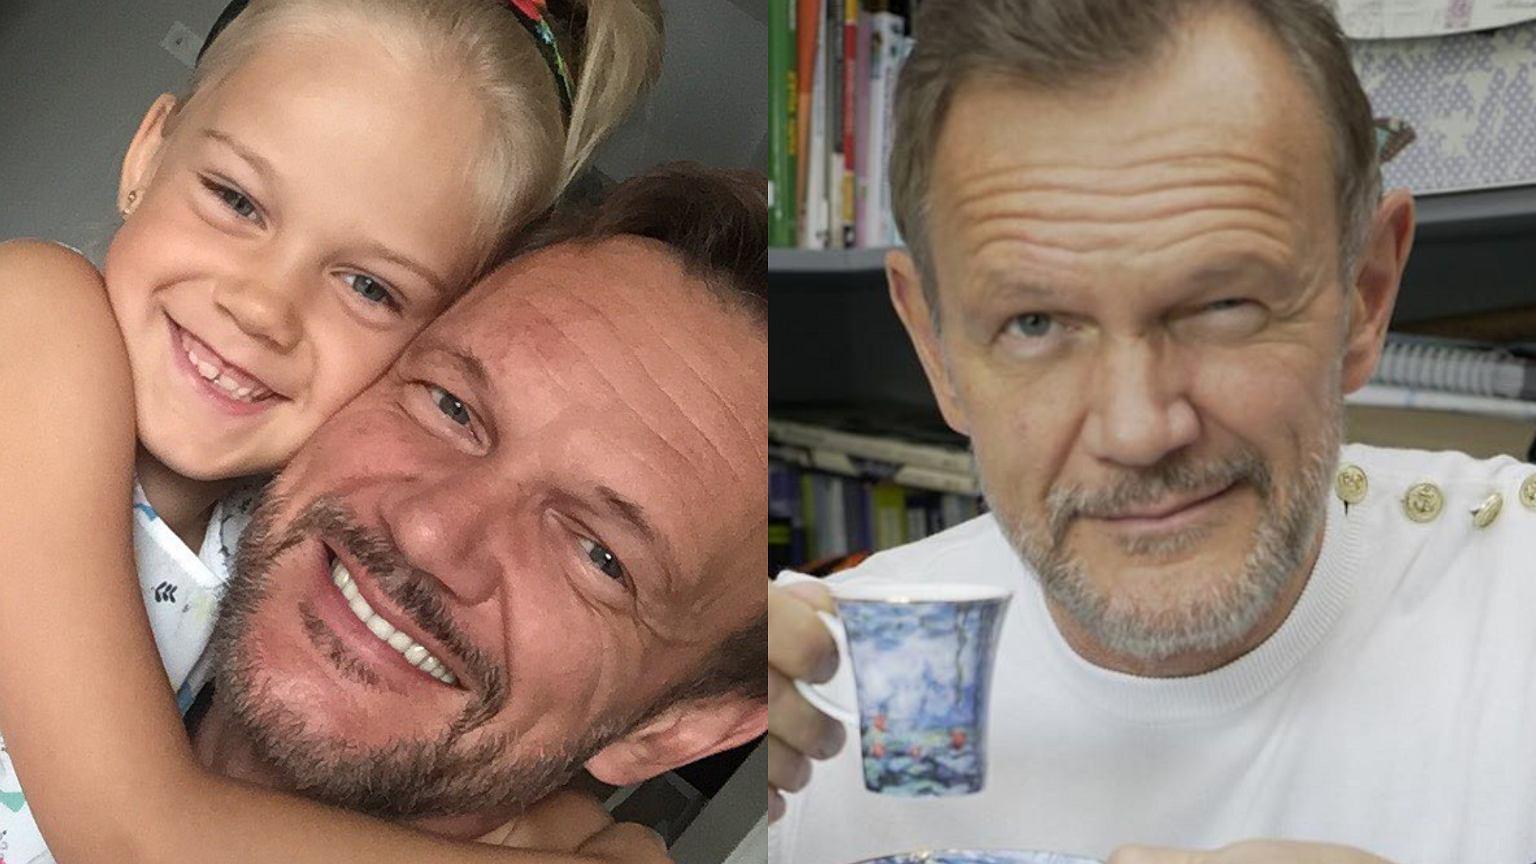 Córka zaskoczyła Cezarego Pazurę trudnym pytaniem o zmarszczki. Aktor wybrnął po mistrzowsku. Uratowało go poczucie humoru